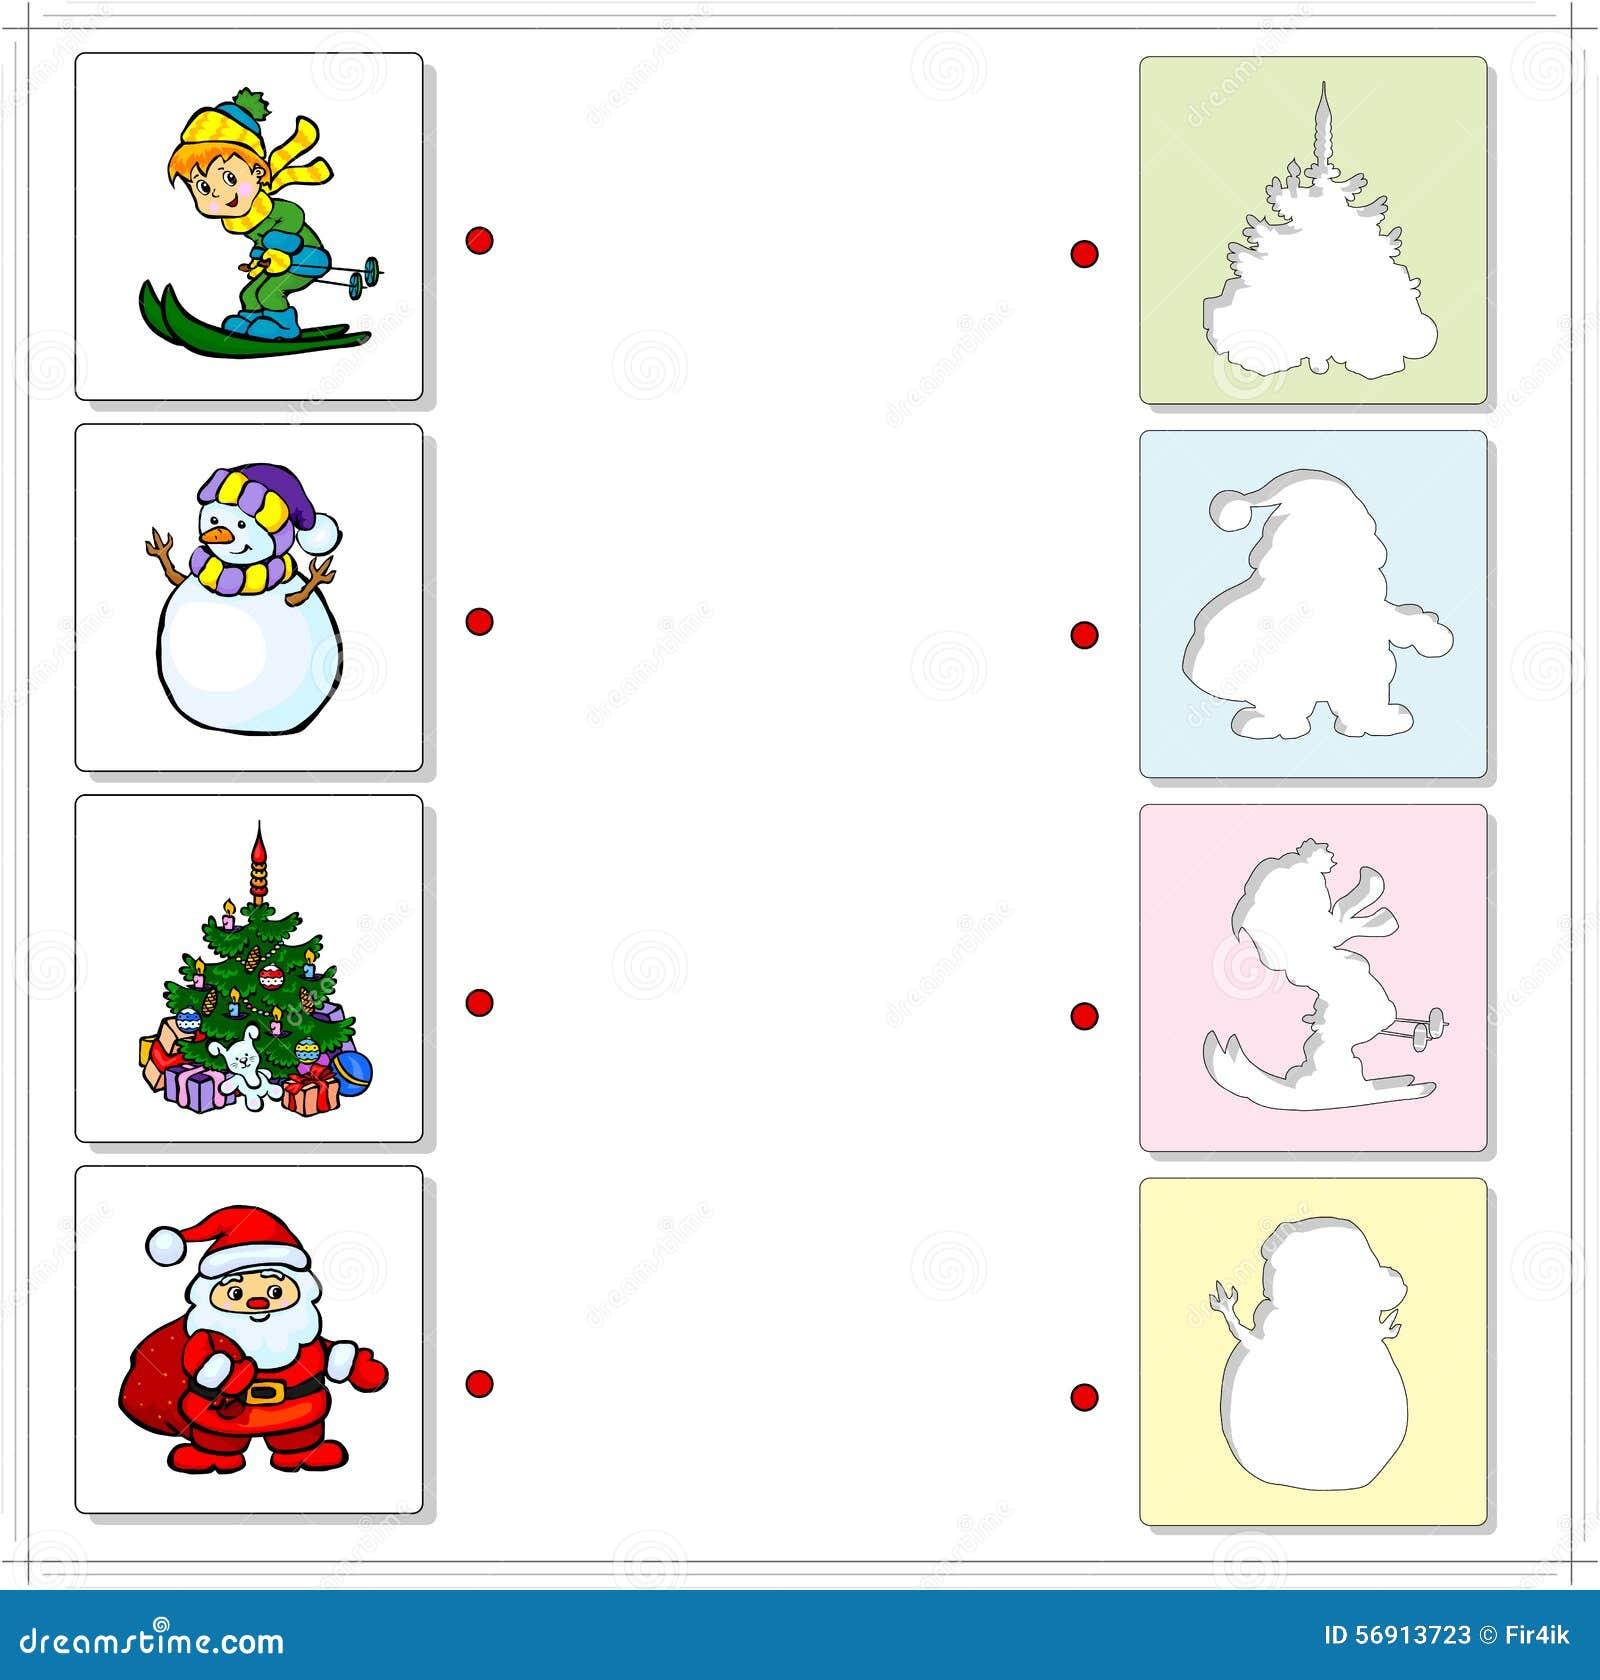 Να κάνει σκι αγοριών, χιονάνθρωπος, έλατο Χριστουγέννων και Άγιος Βασίλης εκπαιδευτικός